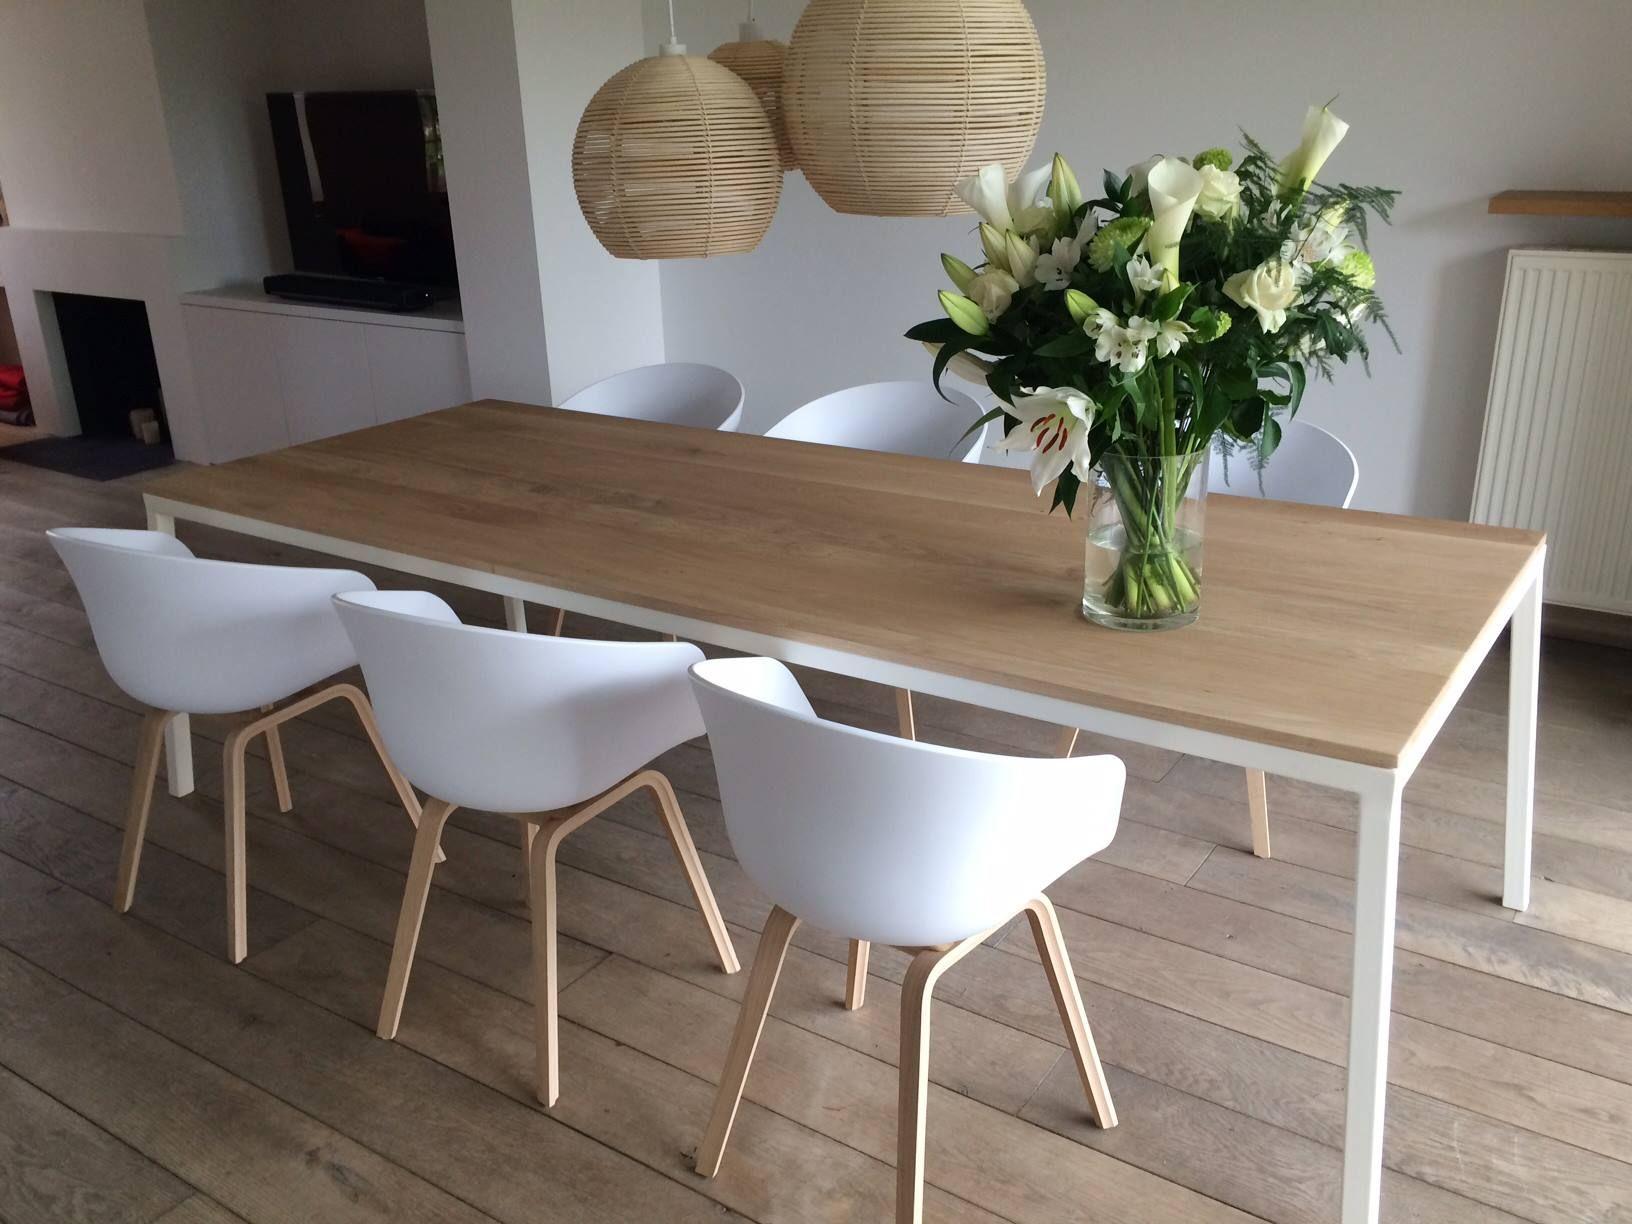 Stoere Tafel En Stoelen.Prima Lux Stoelen Rolf Benz Collectie Luxe Design Banken Tafels